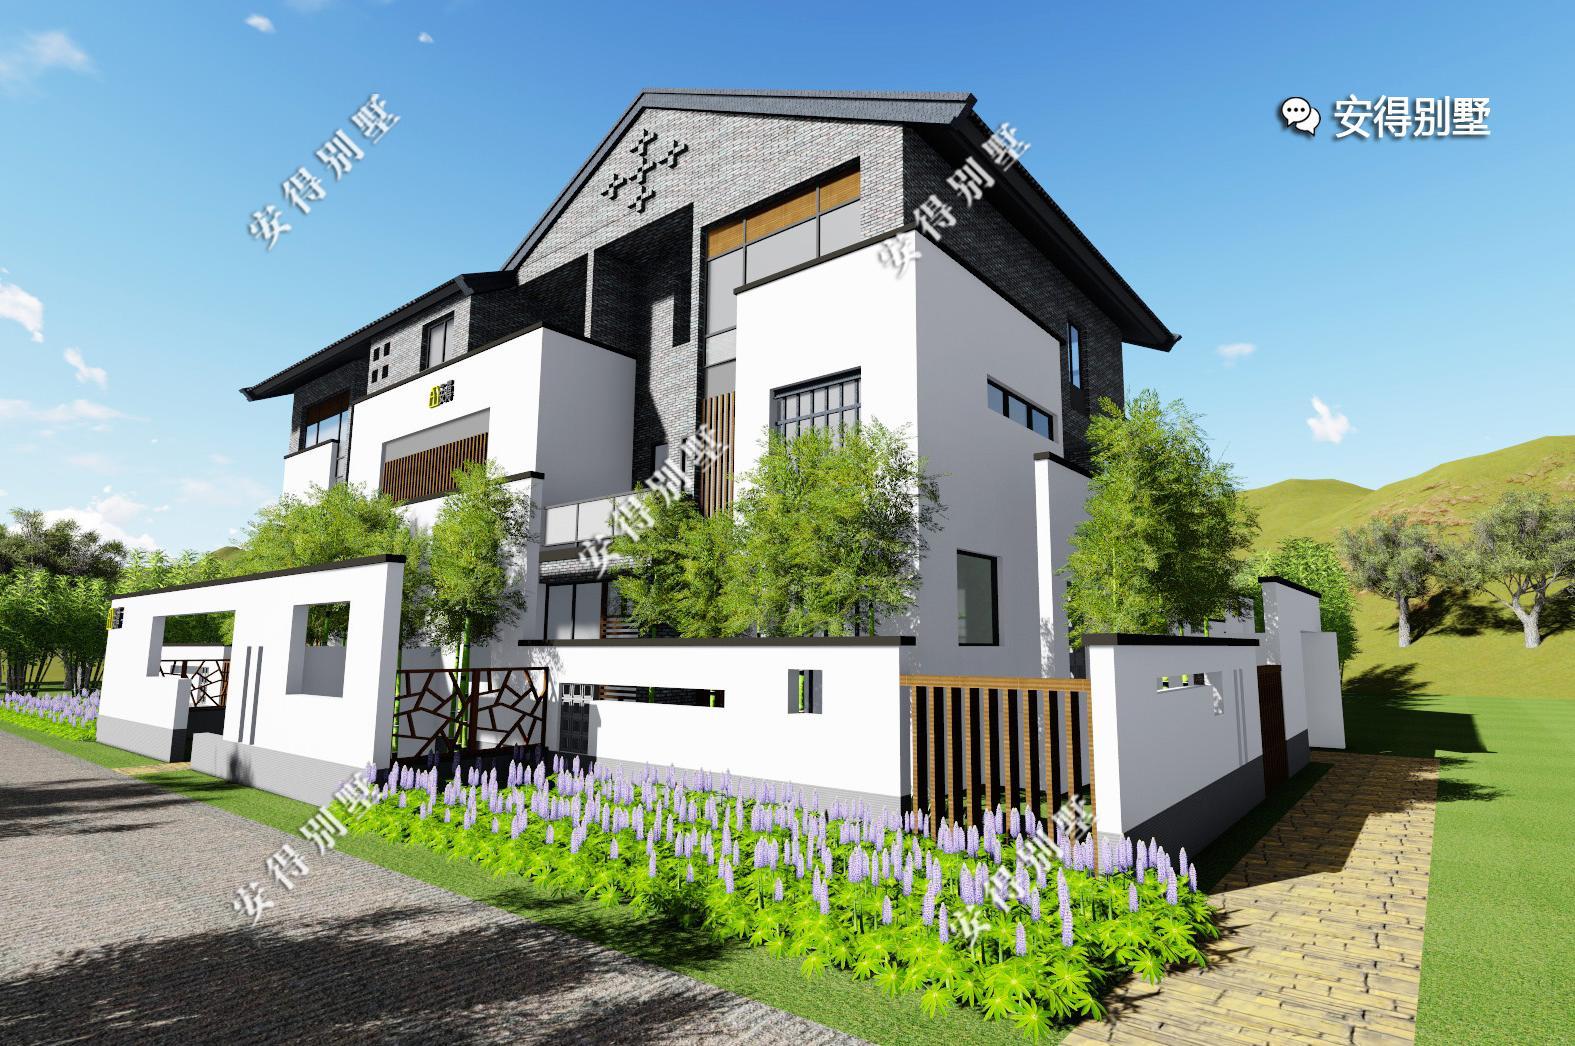 农村中式别墅该有的模样,有花有水有庭院,白墙青砖大露台